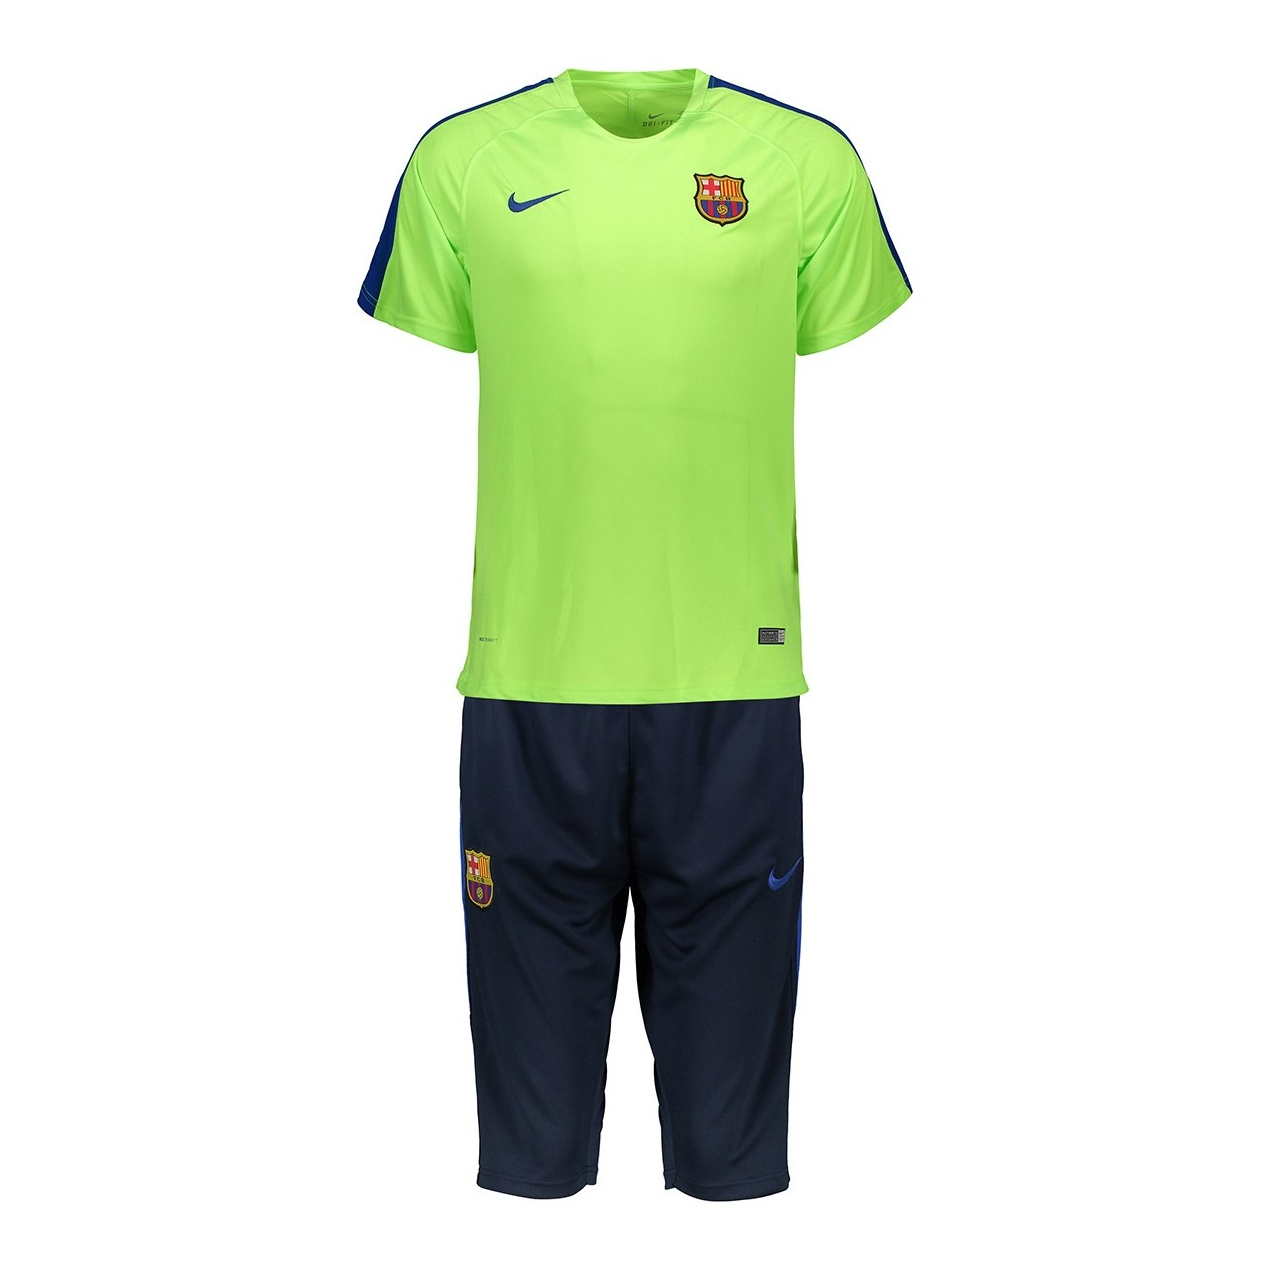 پیراهن و شلوارک ورزشی مدل بارسلونا 2017/18 طرح 2